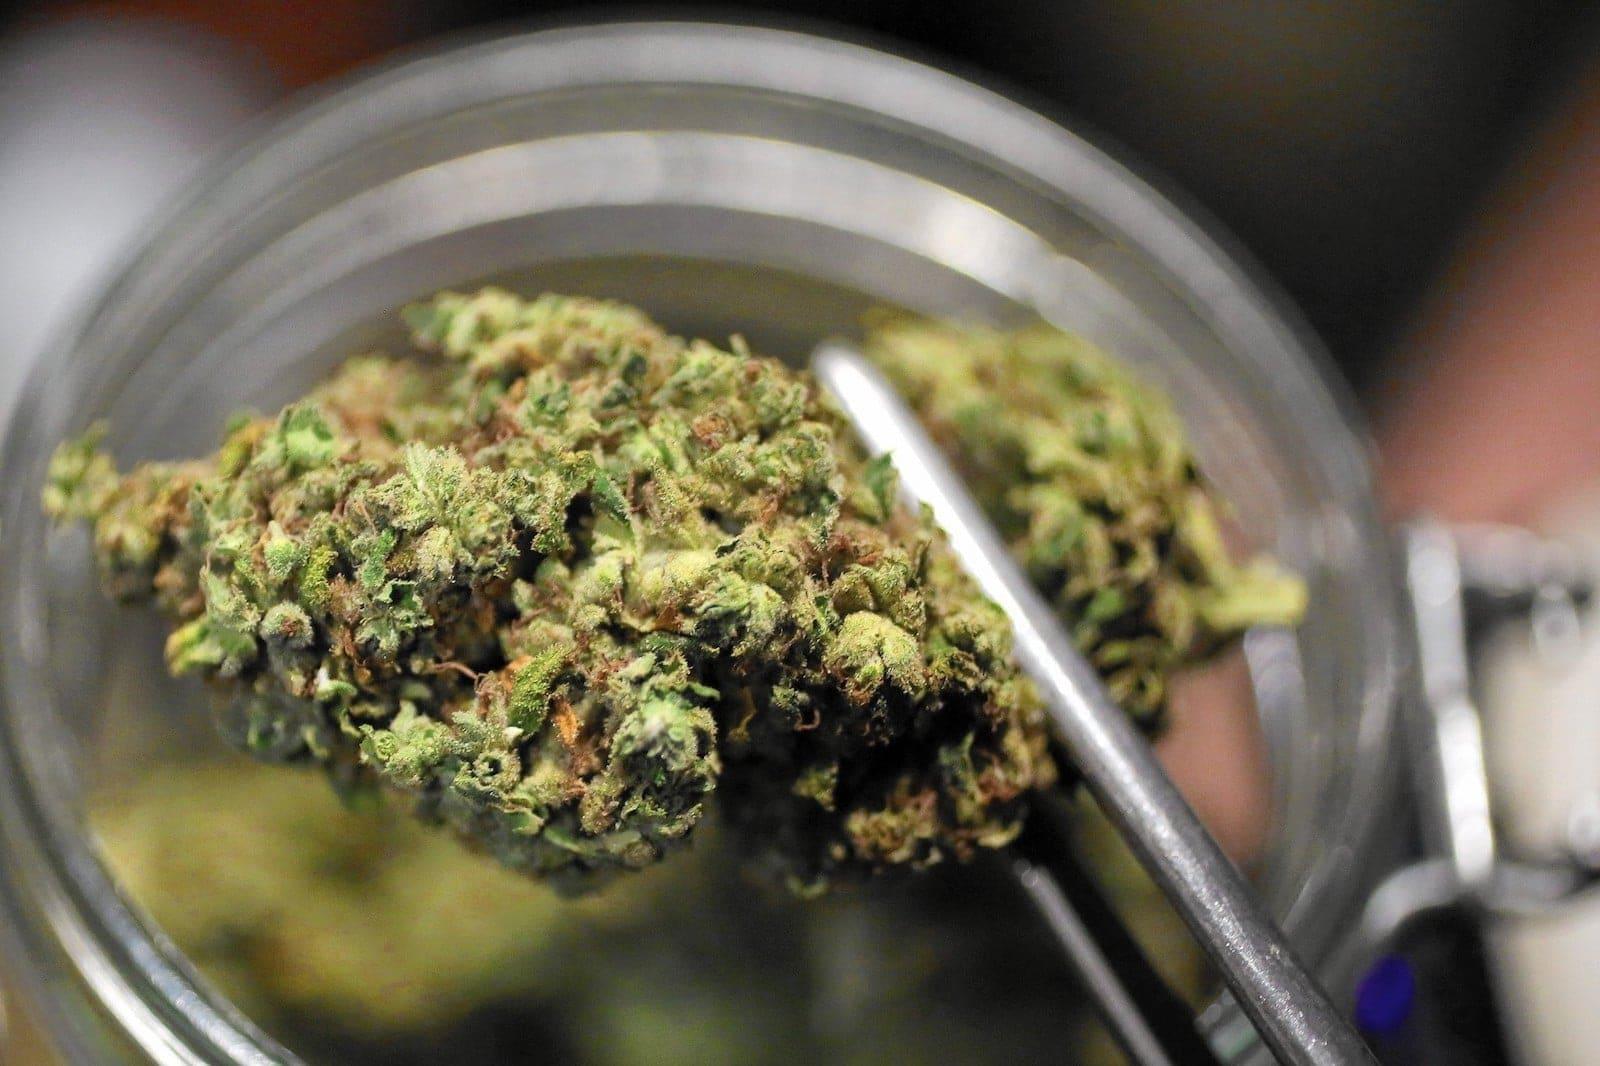 cannabis medicinal en mujeres